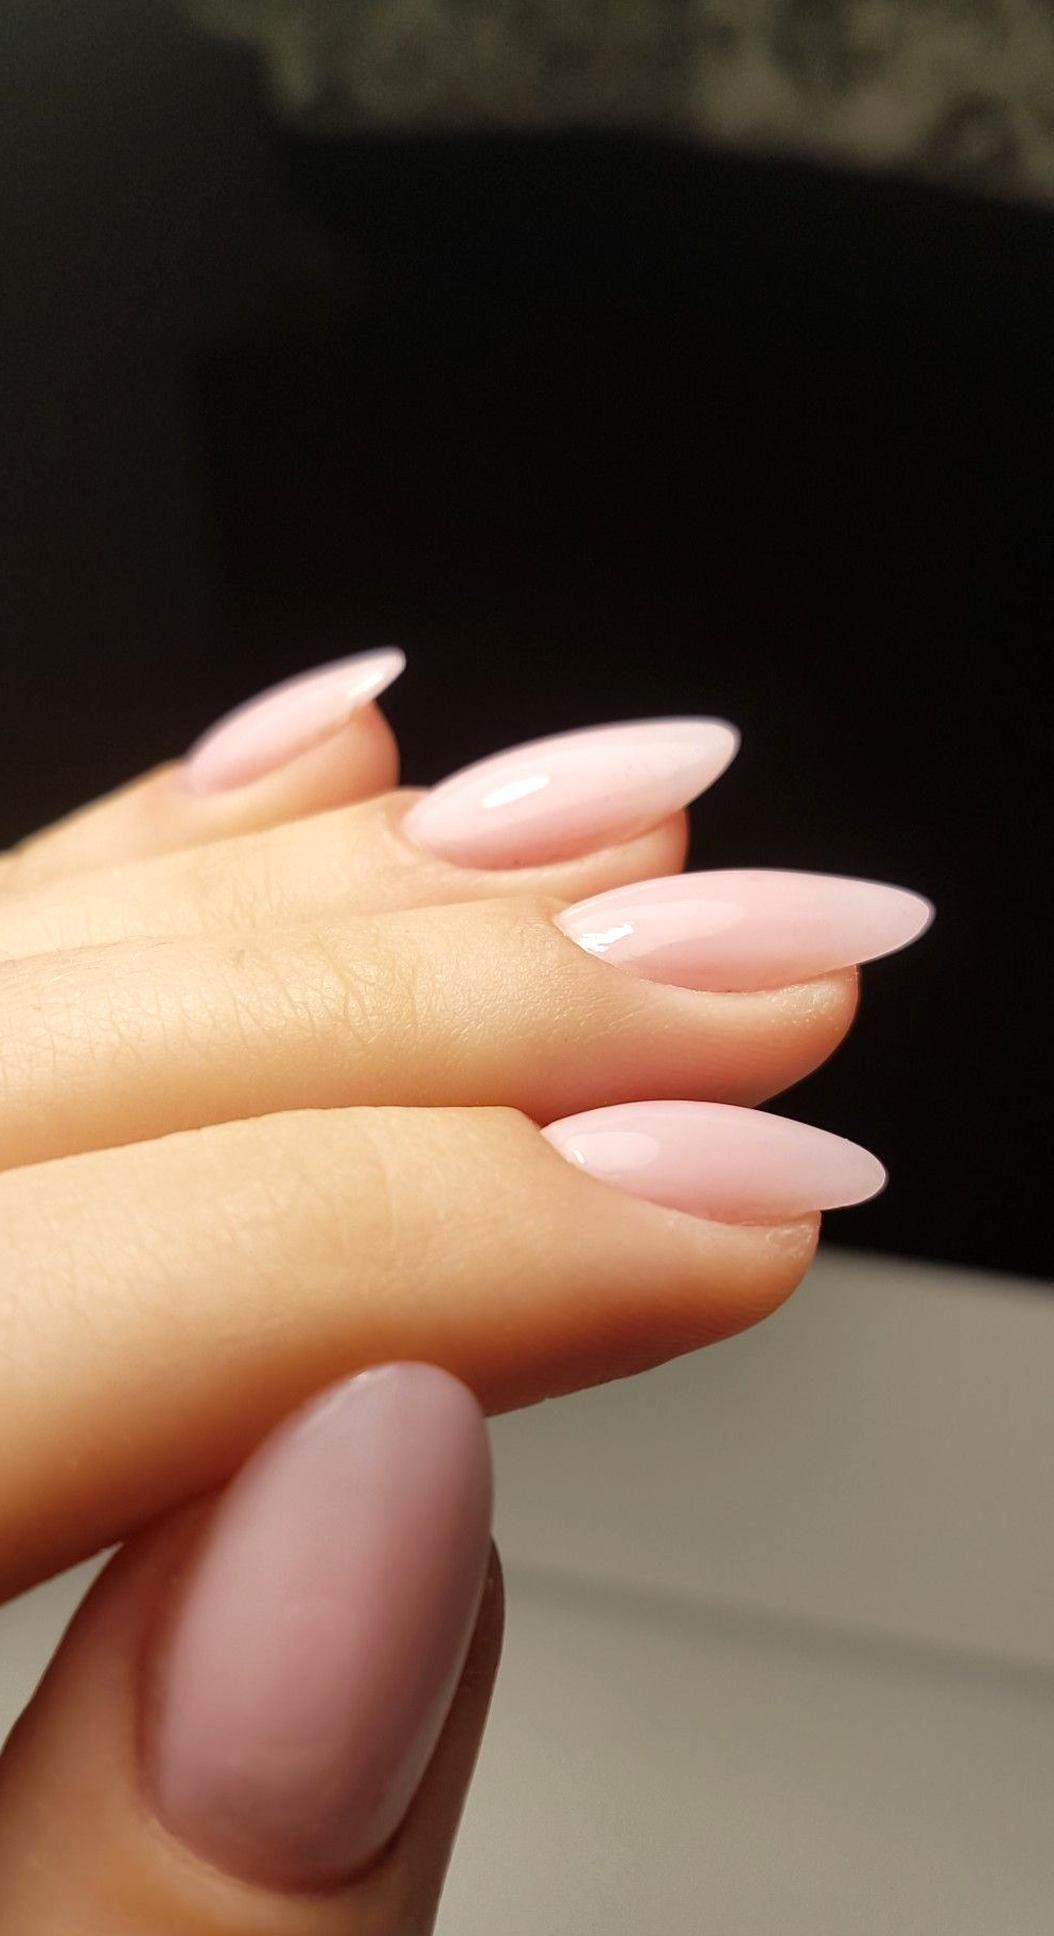 Pnterest Gavdosantos Pntere Gavdosantos Gavdosantos Nte In 2020 Pink Nails Oval Nails Short Acrylic Nails